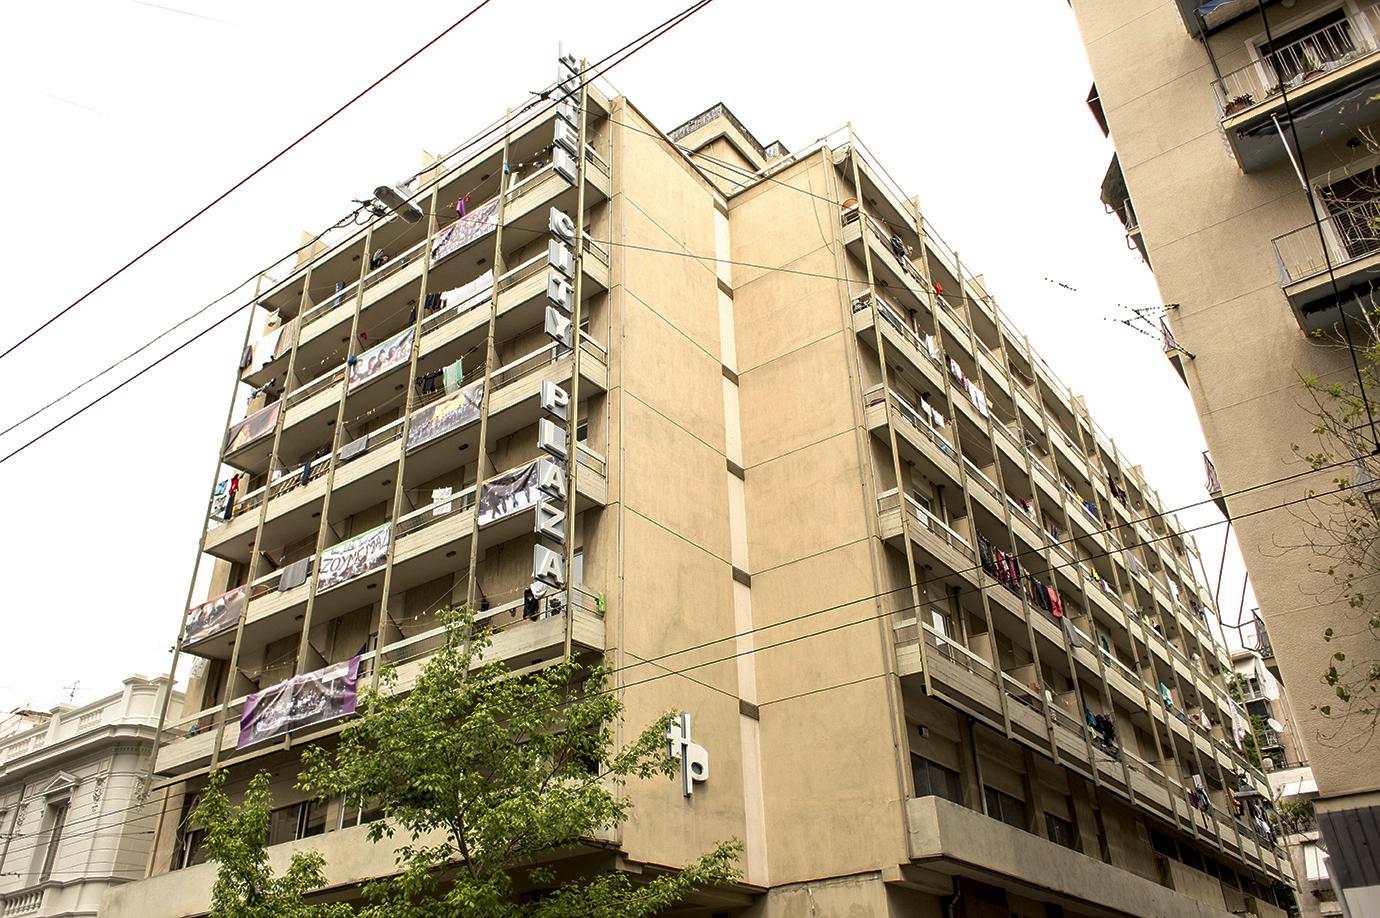 l'ex hotel a cinque stelle City Plaza di Atene visto dall'esterno (foto: Alberta Aureli)